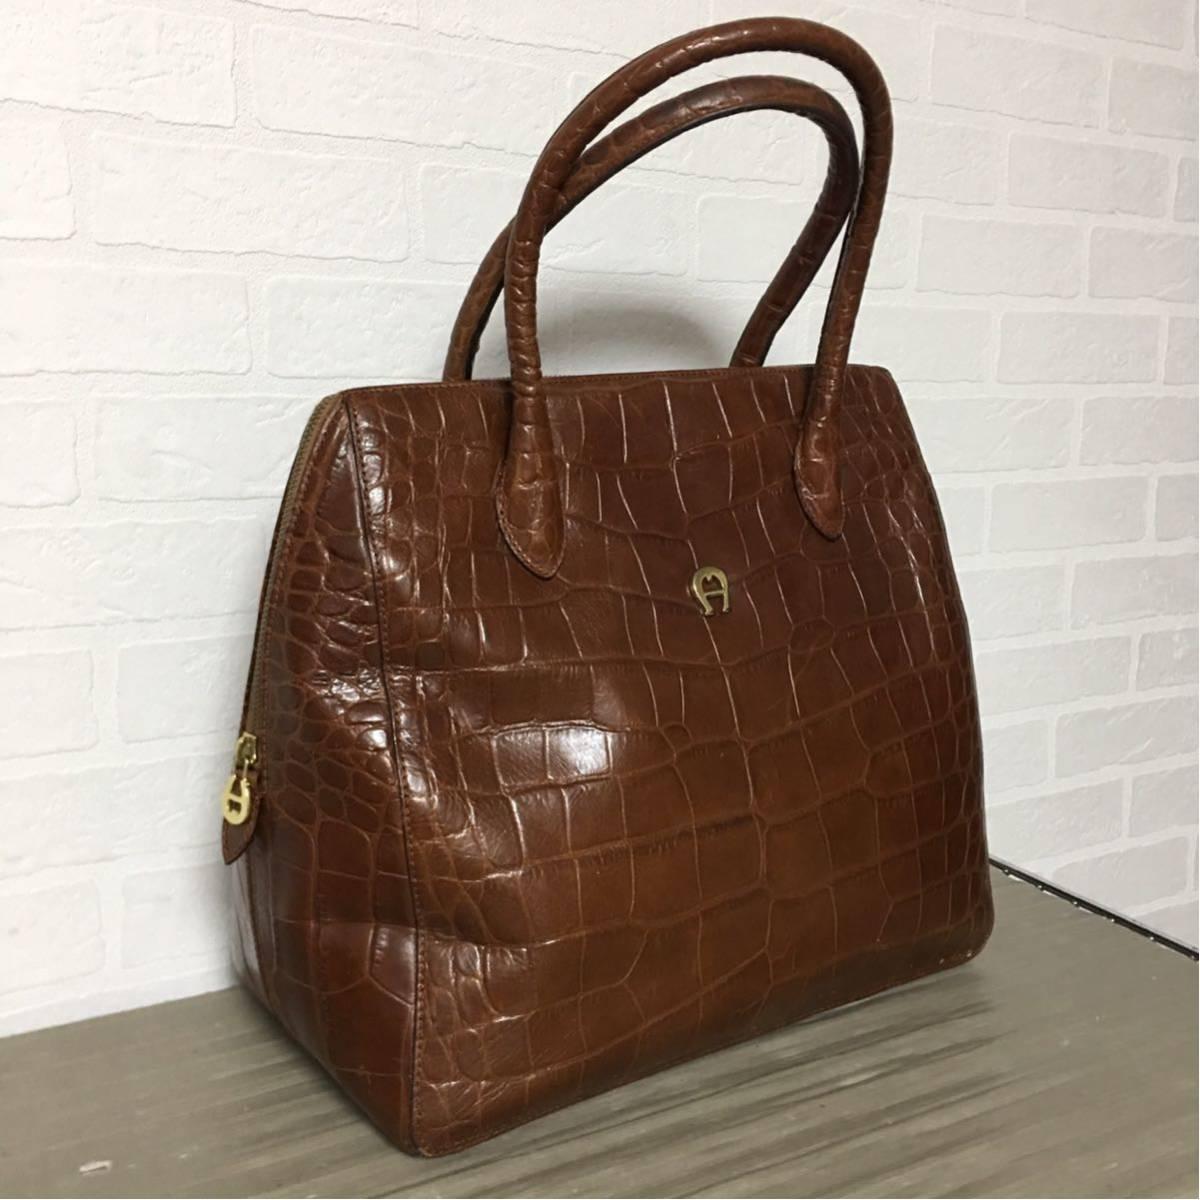 4b0488167ddc 261□ AIGNER アイグナー ハンドバッグ レディース 茶 ブラウン オシャレ 鞄 かばん の1番目の画像